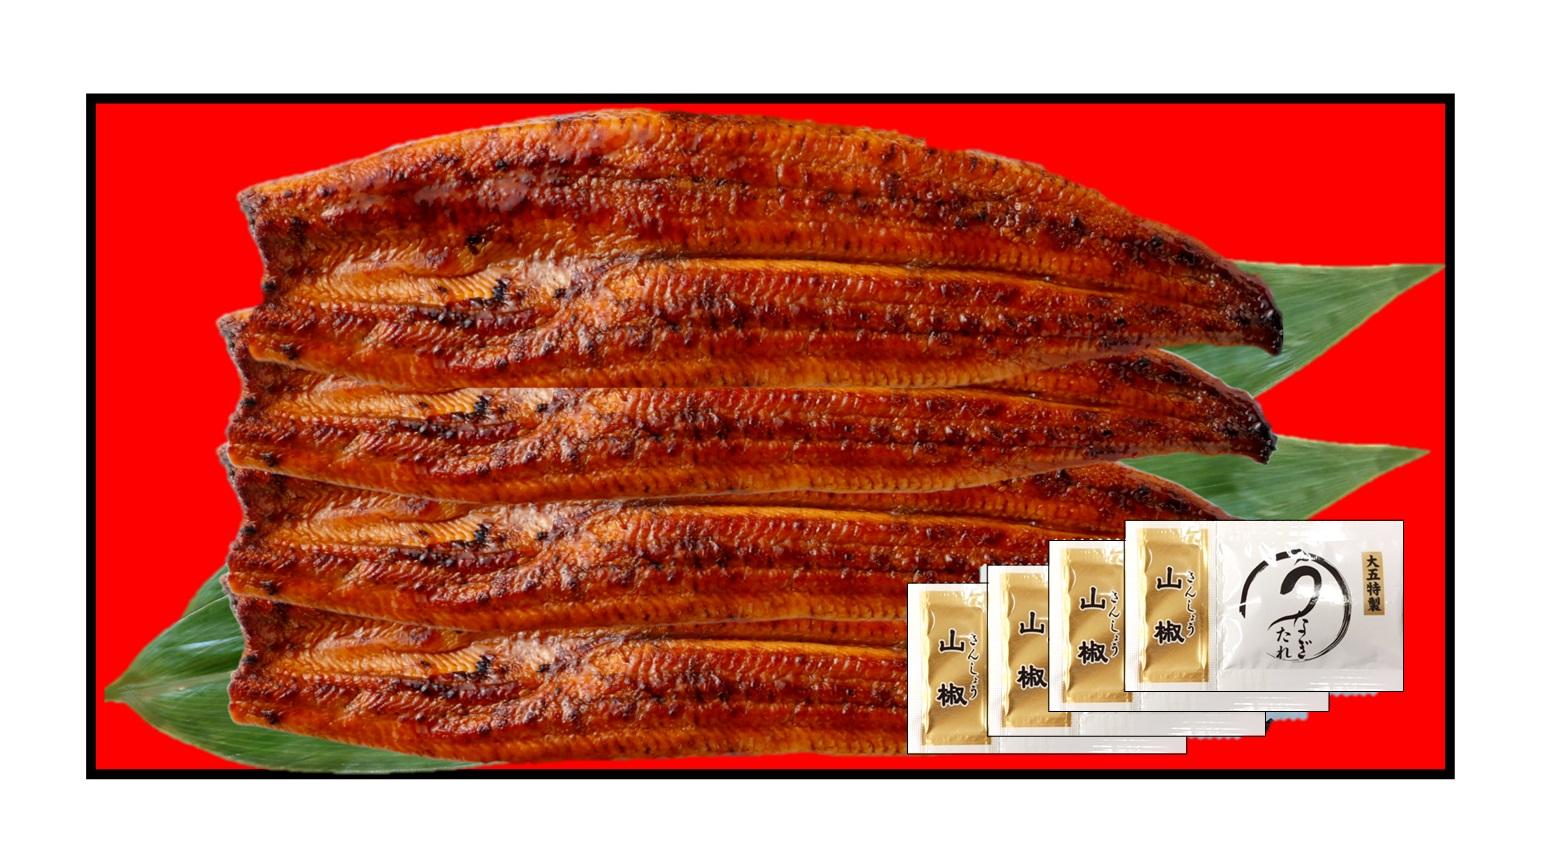 【宮崎県】生産者限定宮崎県産うなぎ蒲焼 4尾 440g(110g×4)、たれ・山椒付